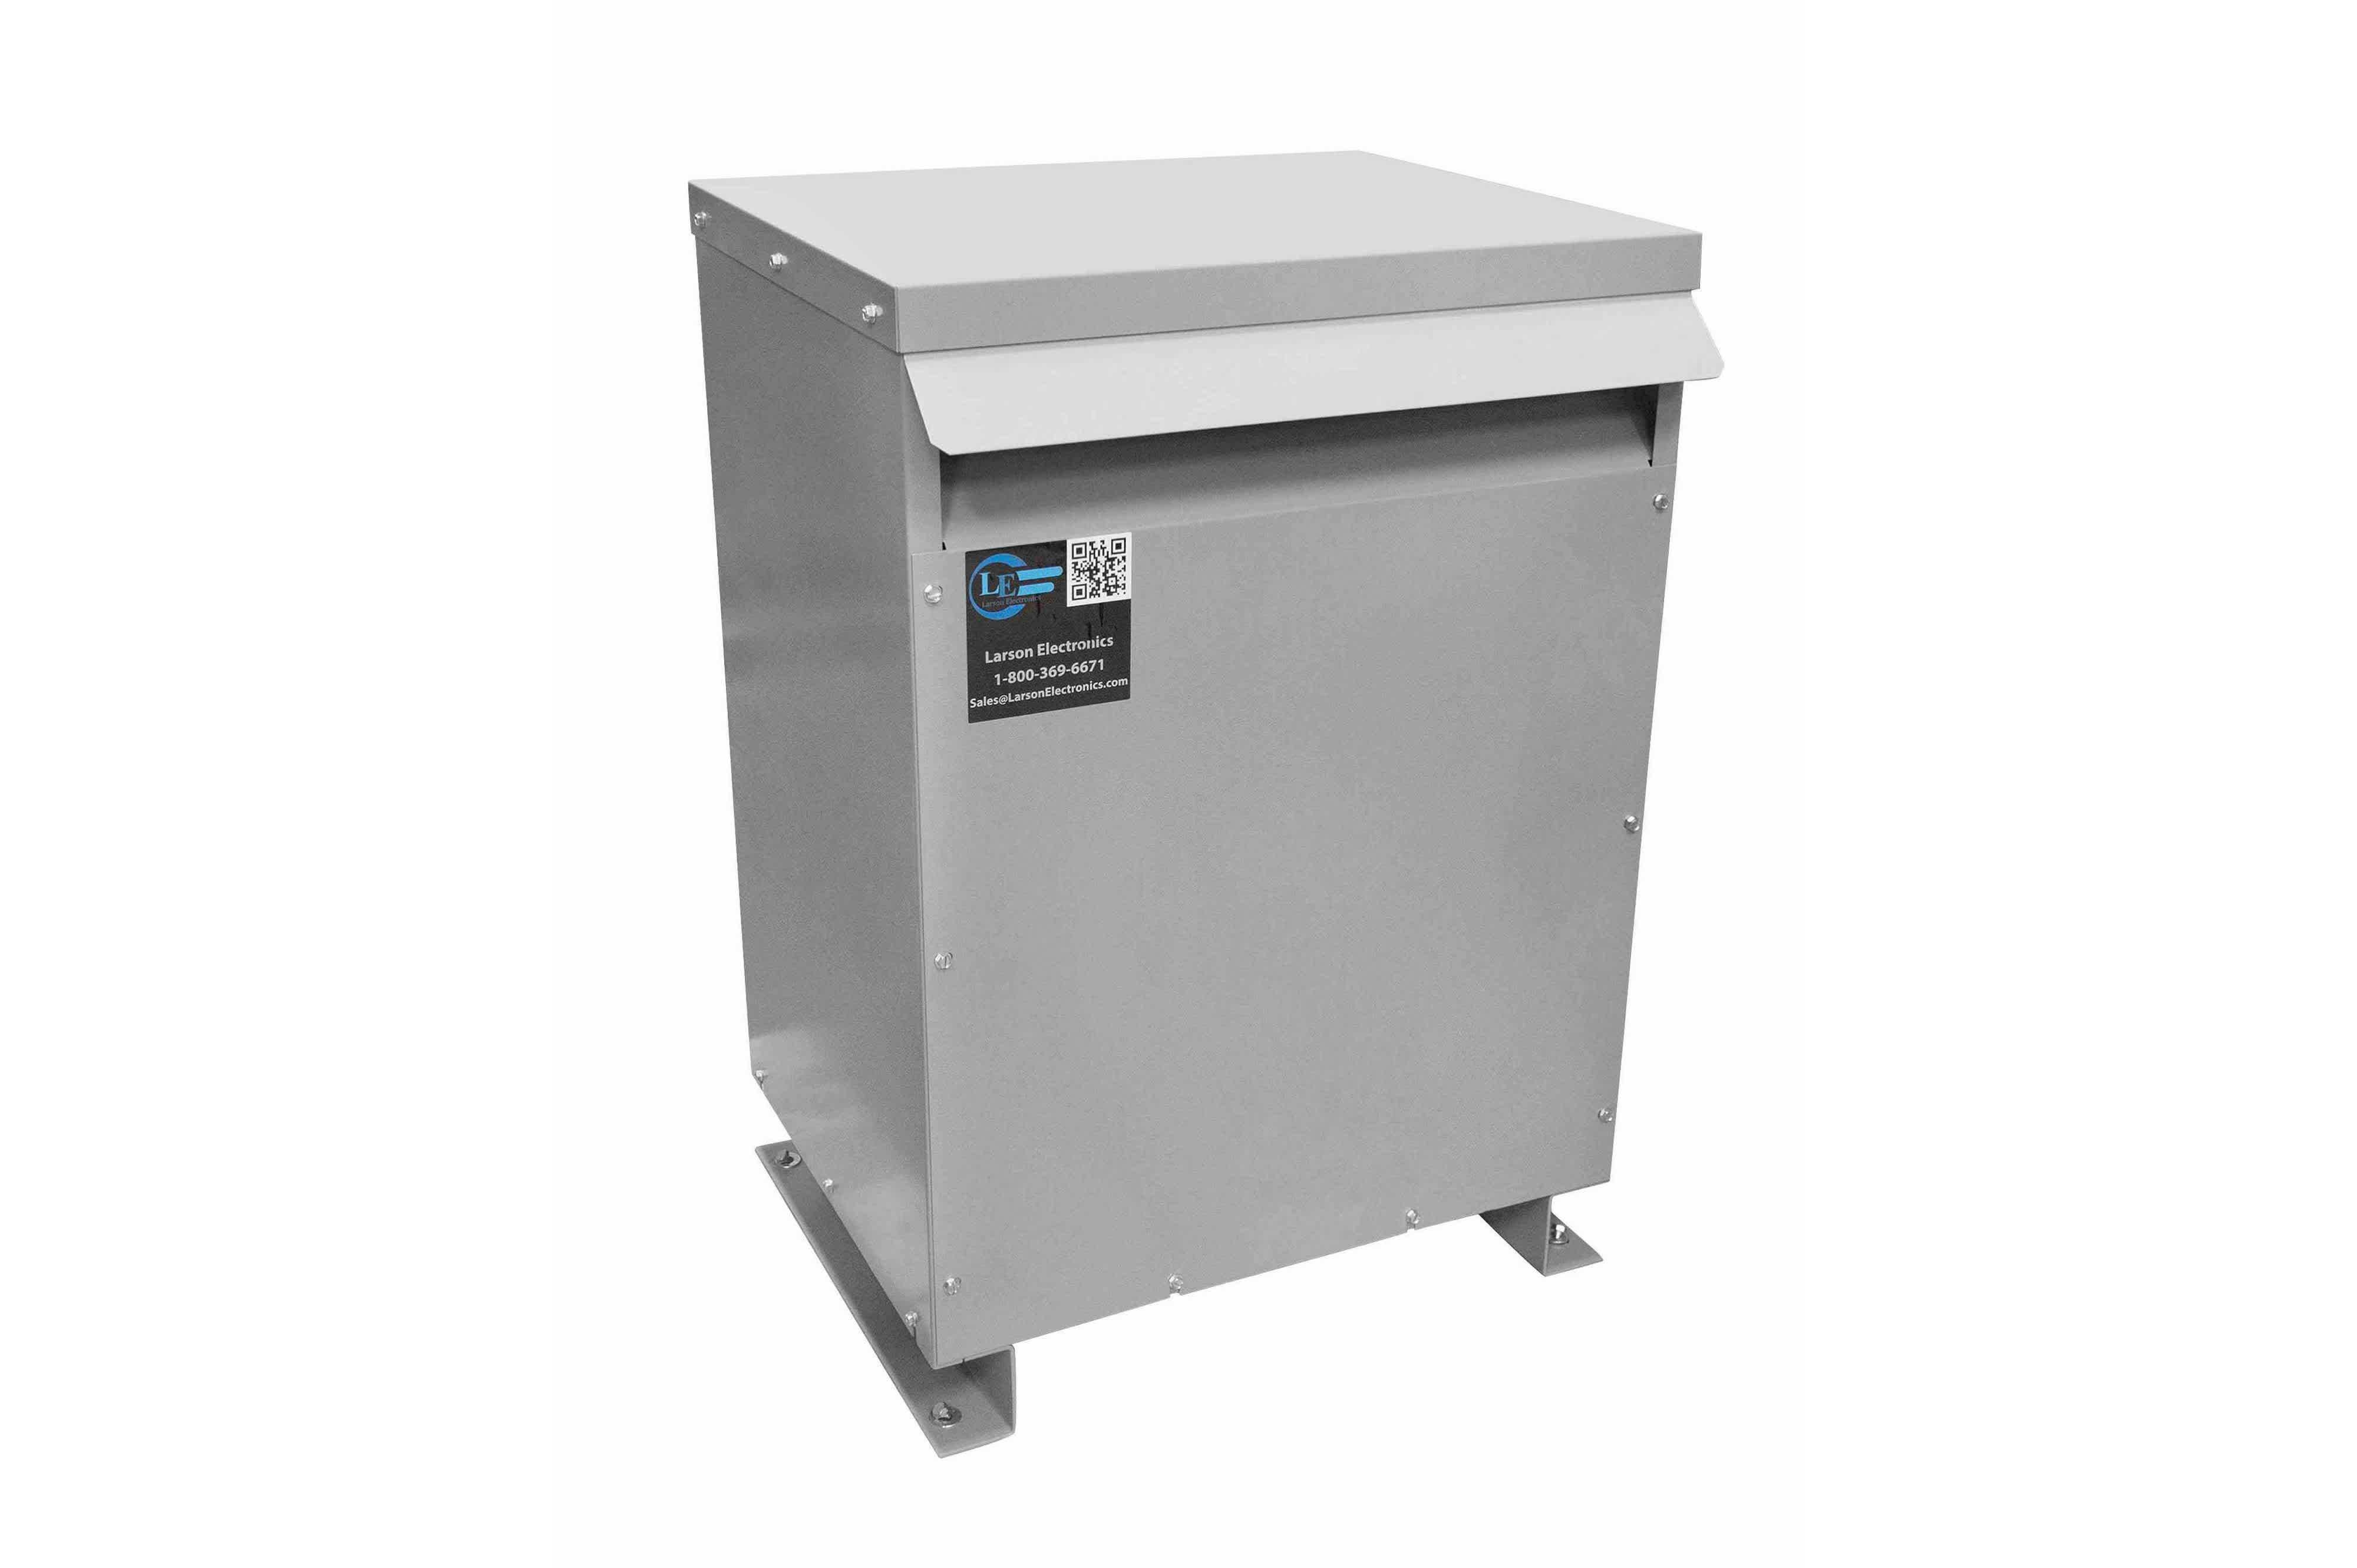 40 kVA 3PH Isolation Transformer, 380V Delta Primary, 480V Delta Secondary, N3R, Ventilated, 60 Hz